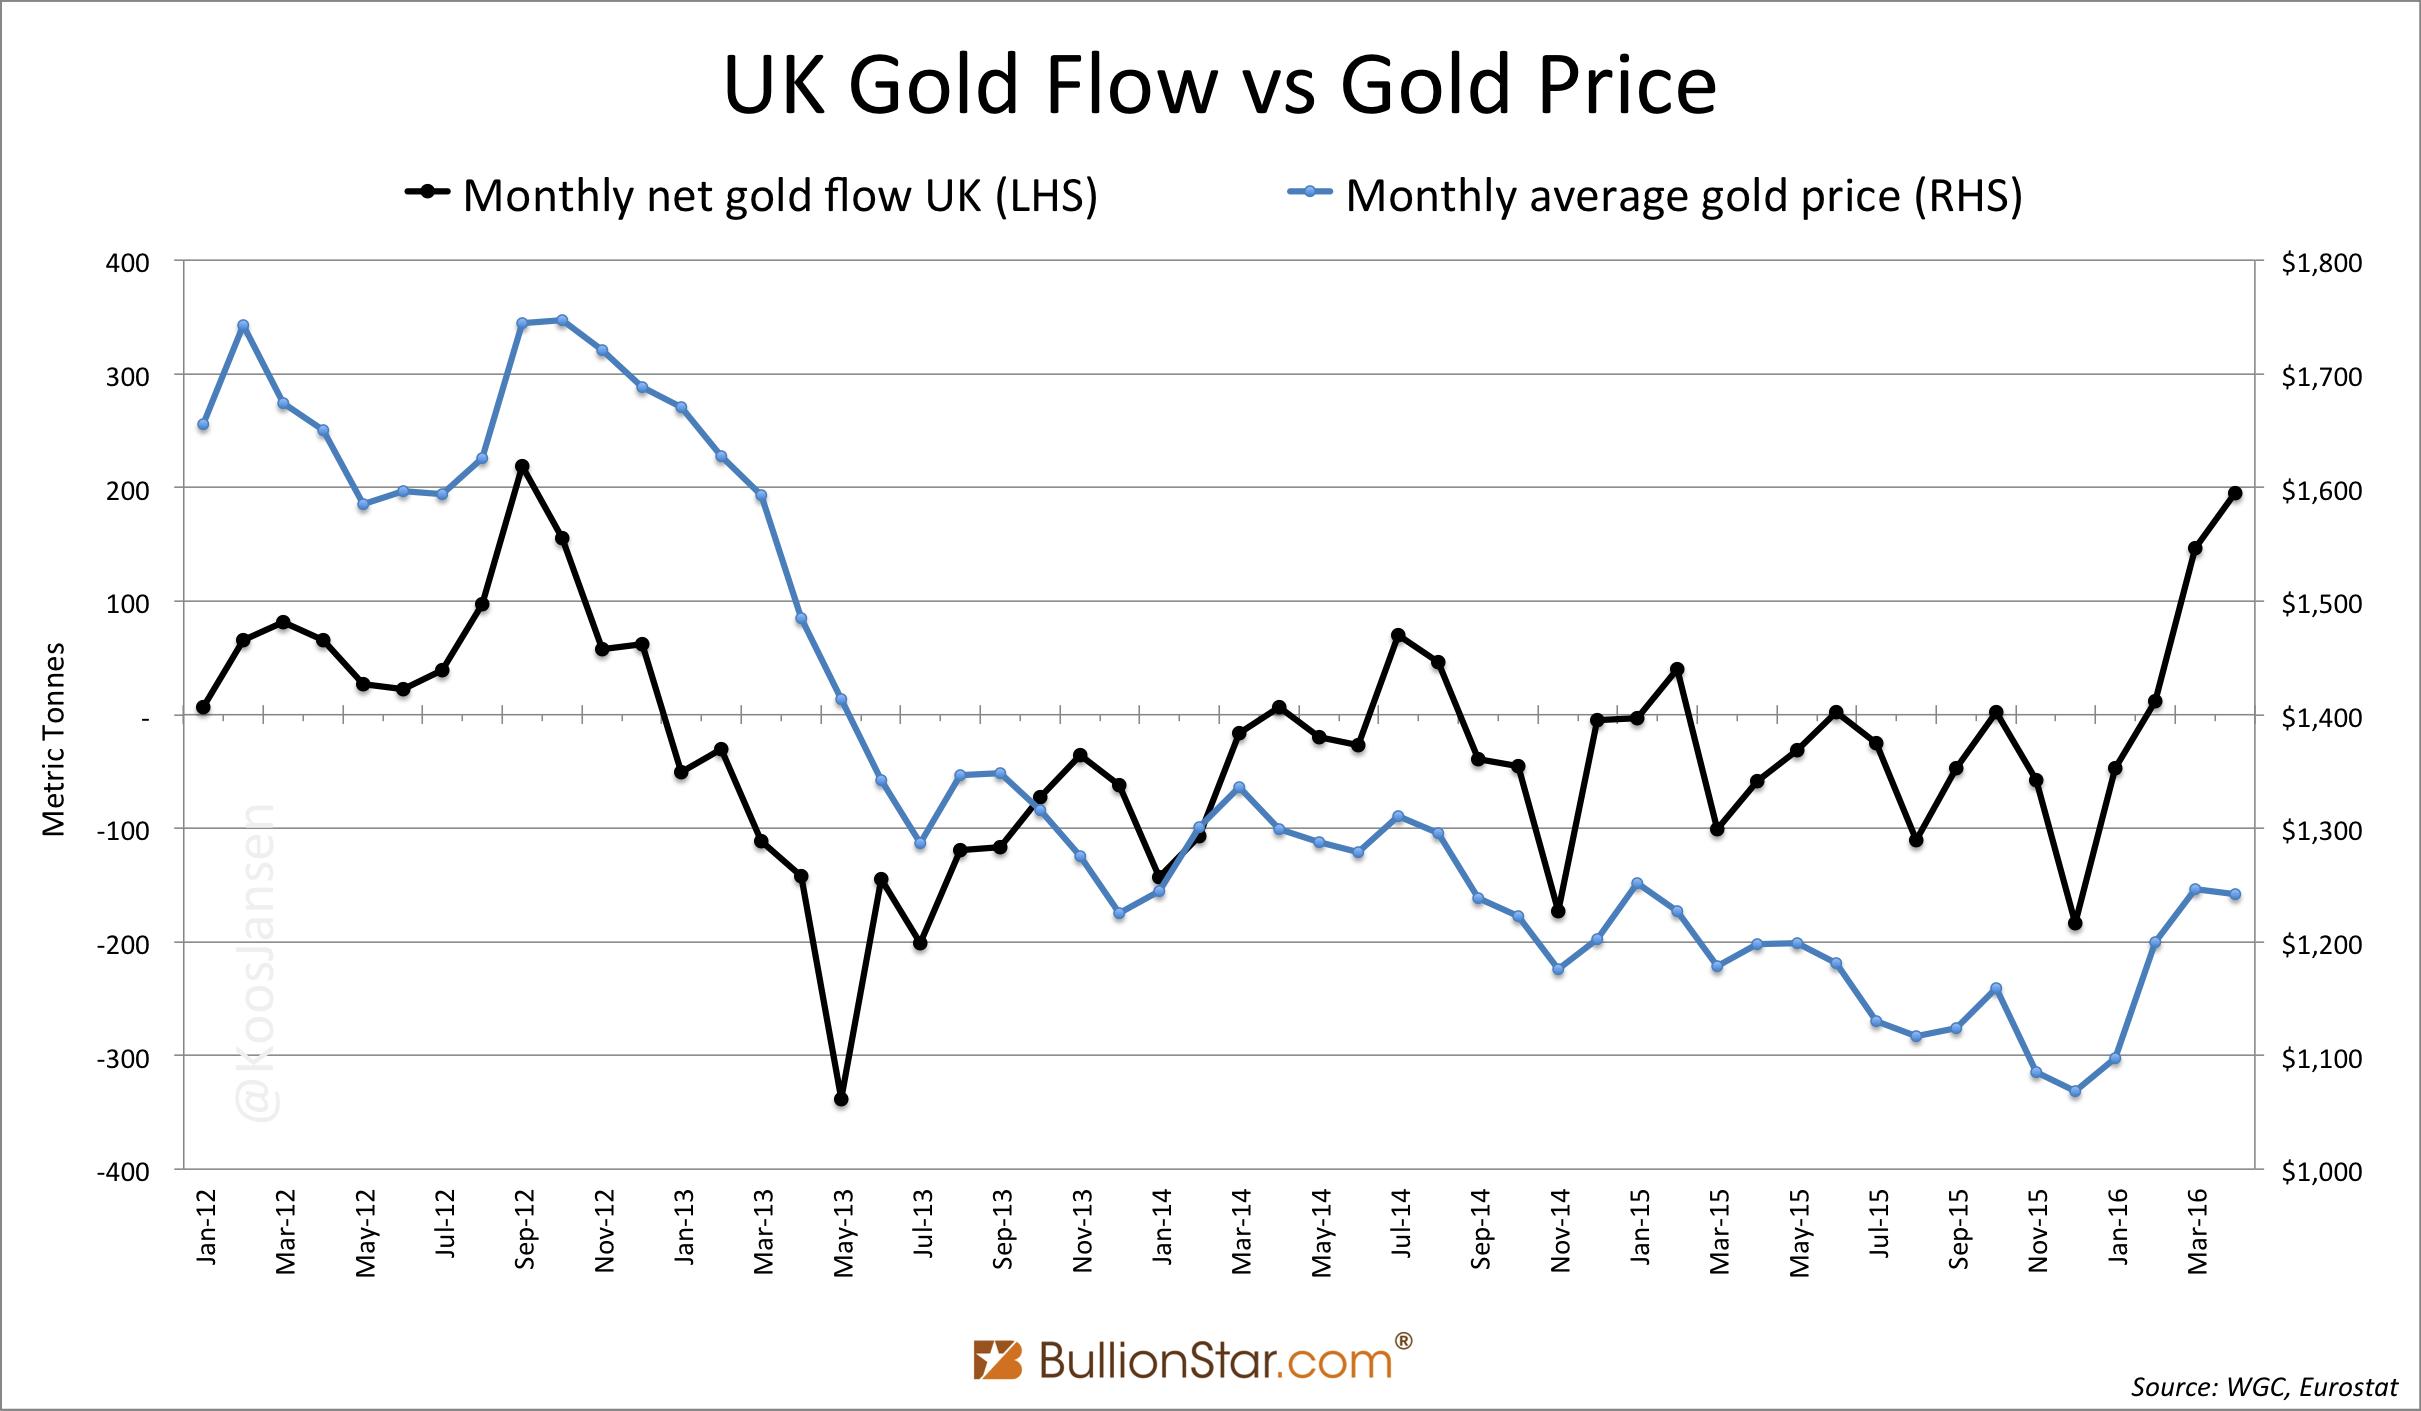 UK Gold Flow vs Gold Price